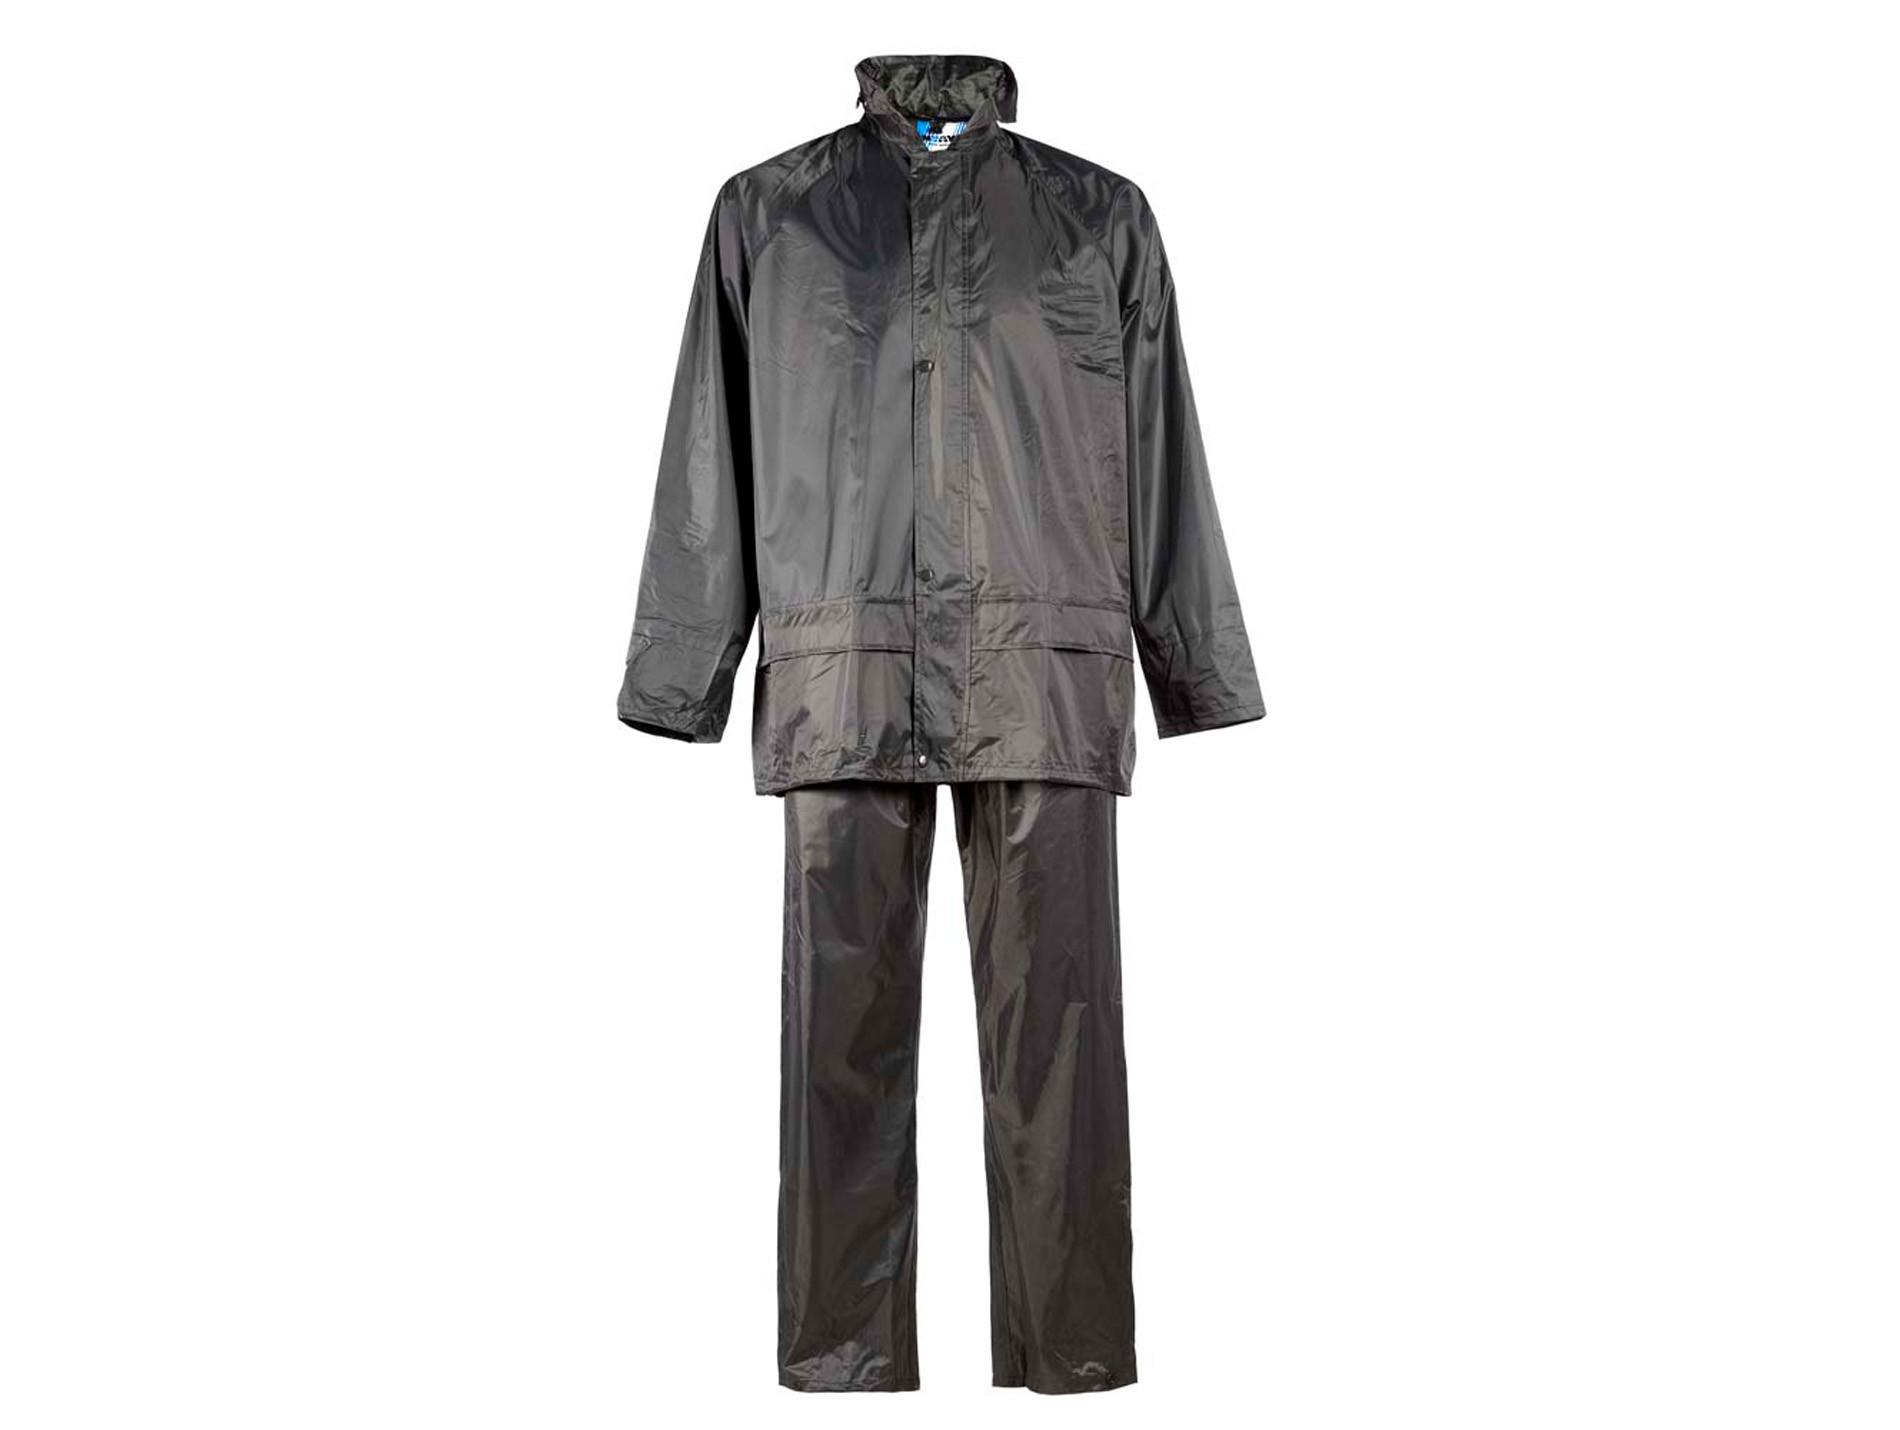 Ensemble de pluie Rainy NORTH WAYS Vêtements de travail